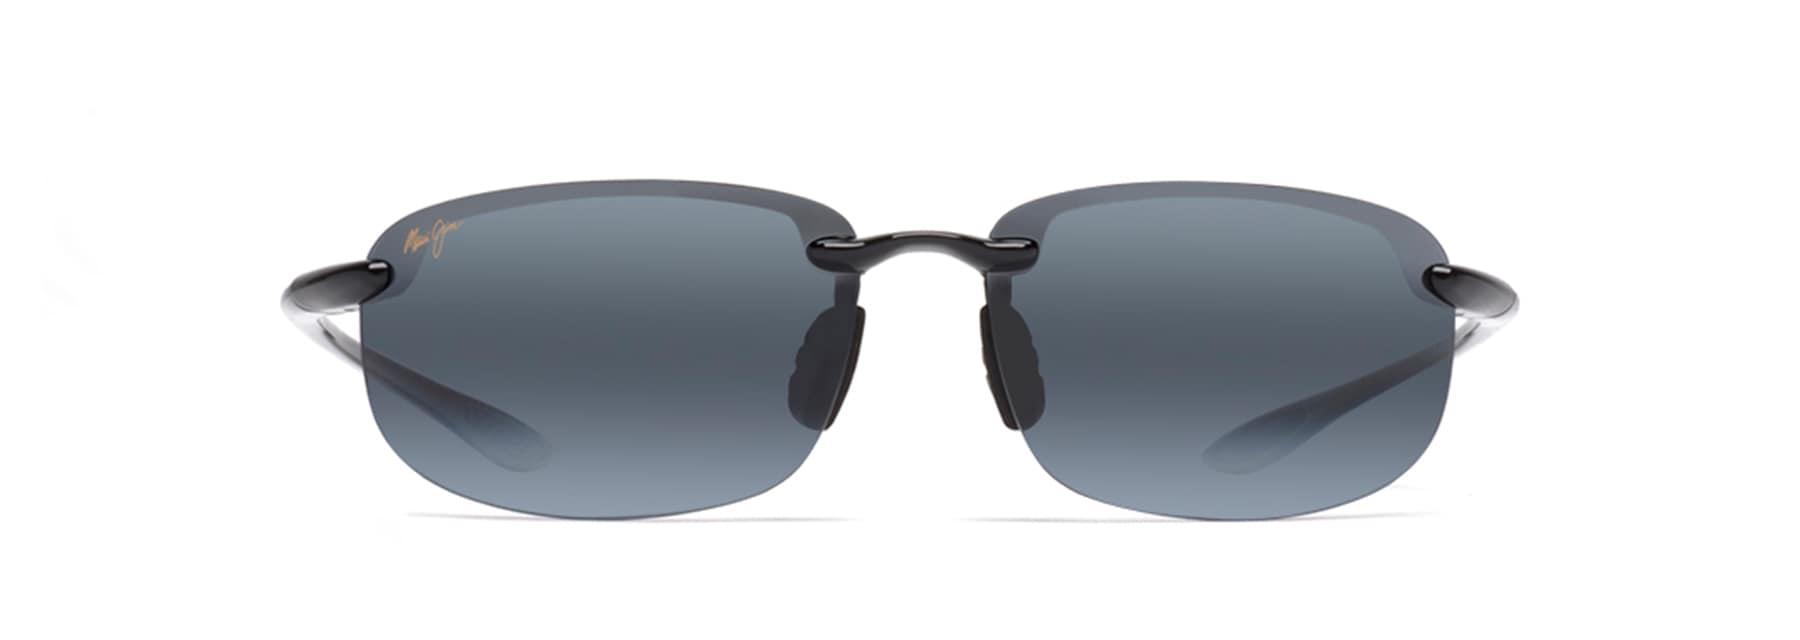 2f177435477 HO OKIPA. Polarized Rimless Sunglasses